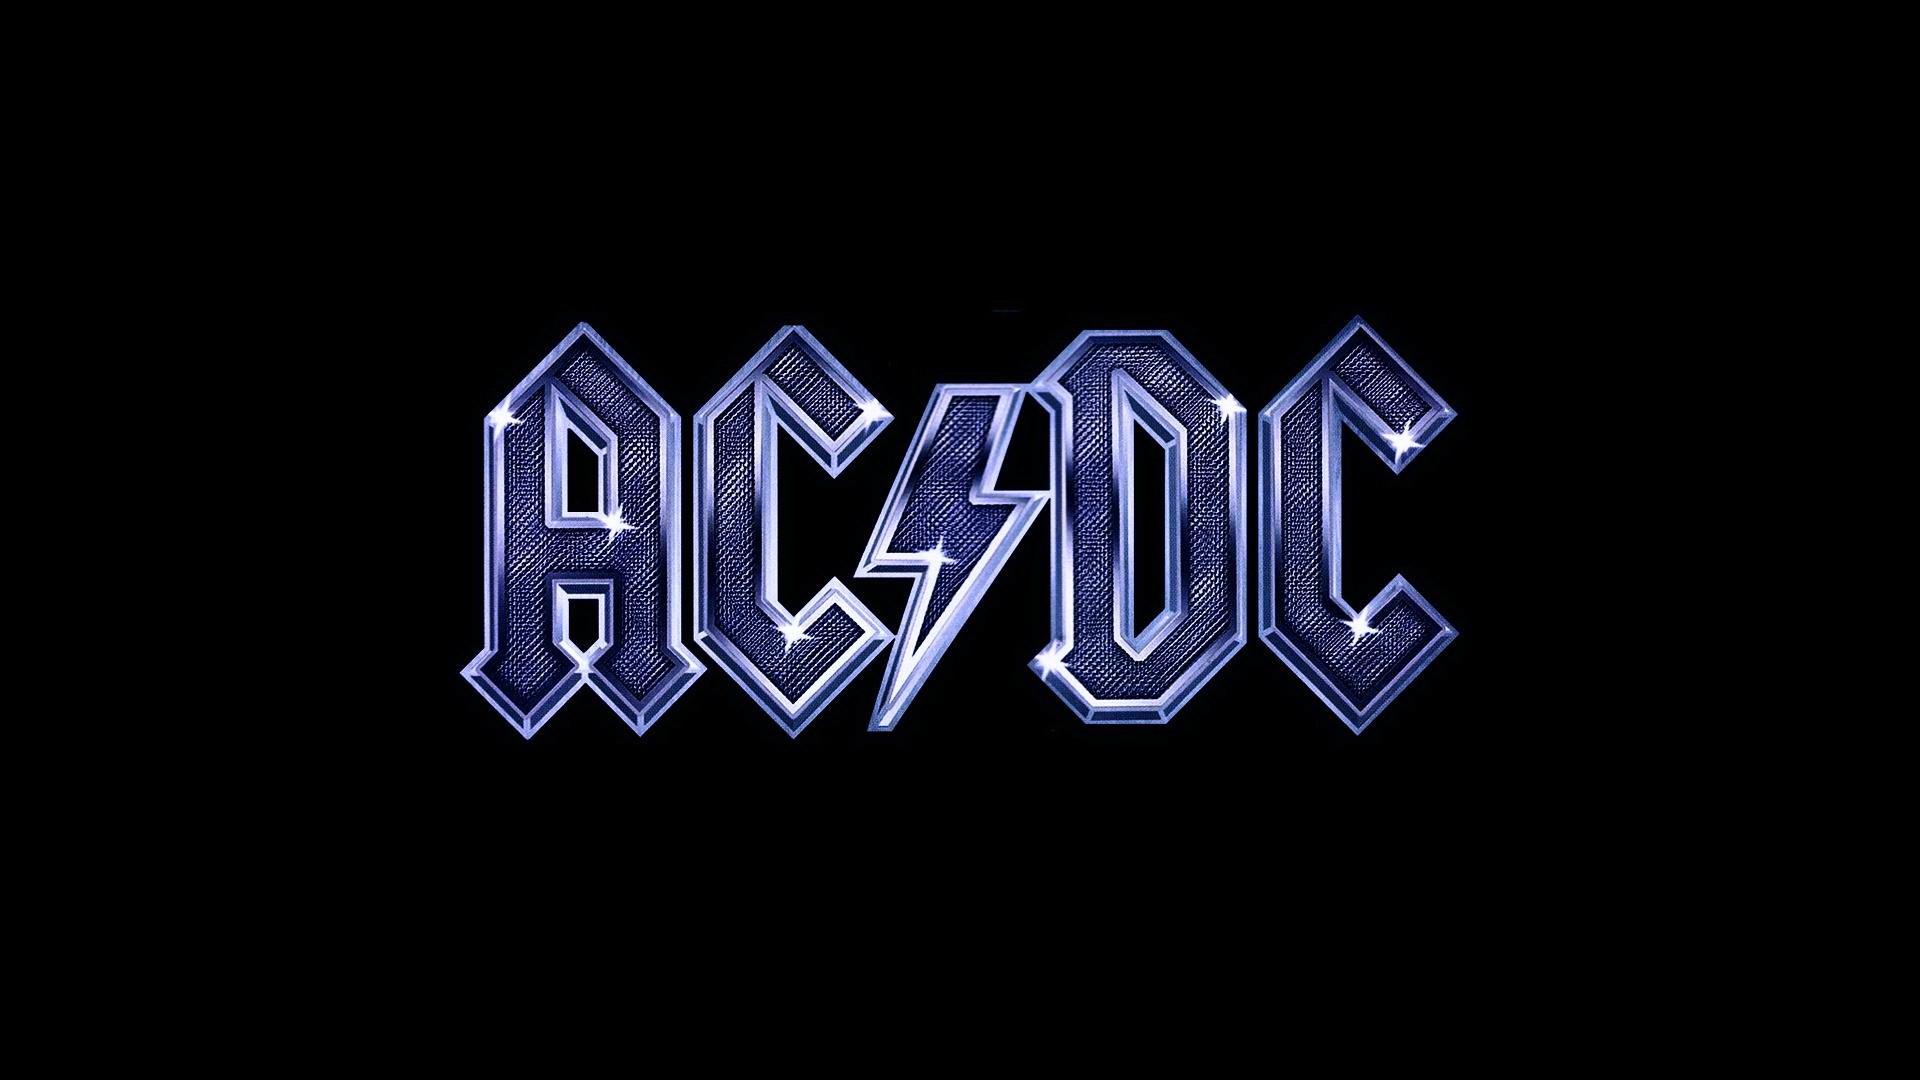 ACDC desktop wallpaper ACDC wallpapers 1920x1080